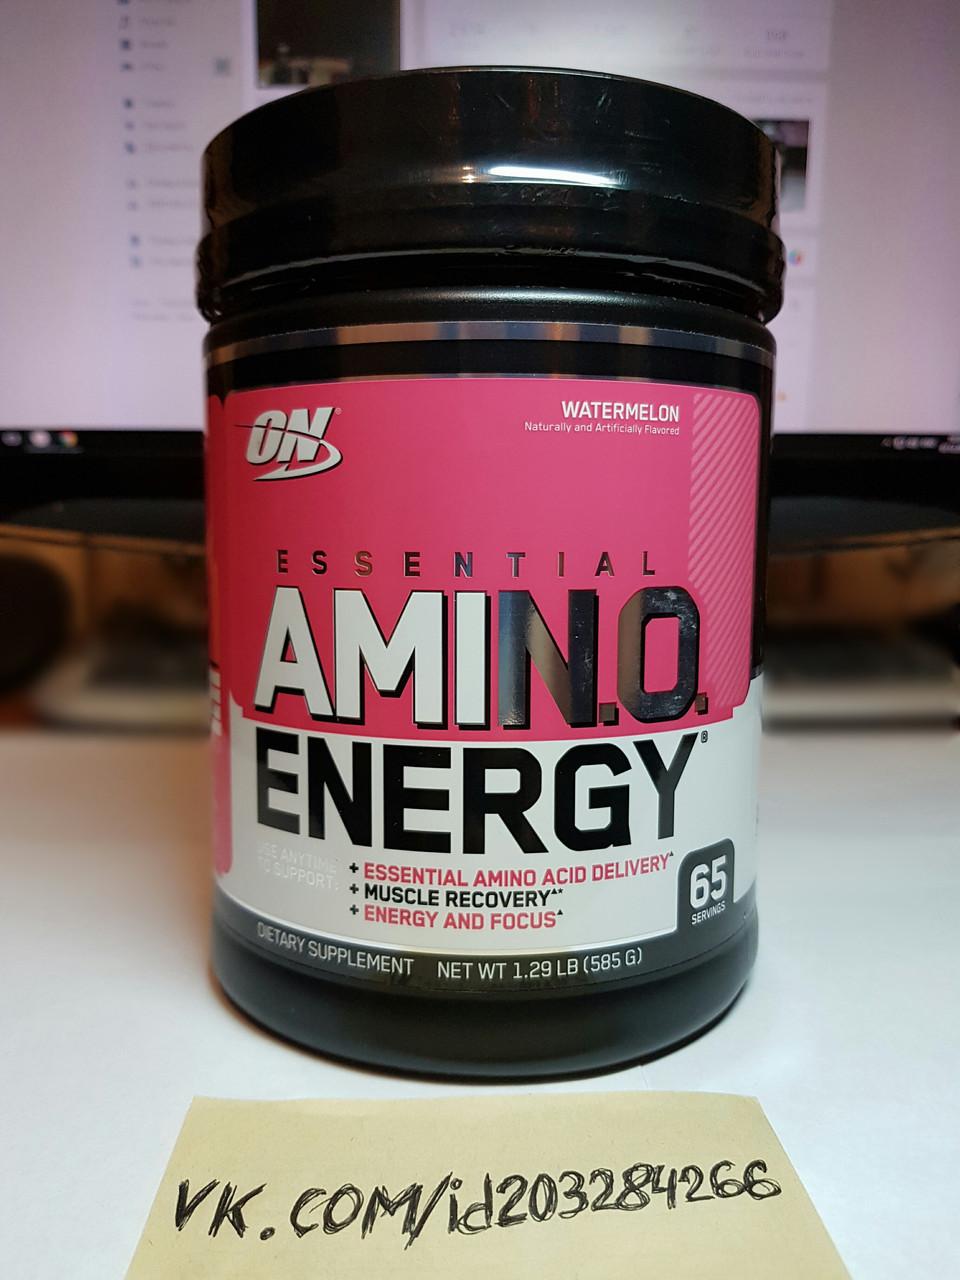 Амино энерджи (amino energy) от оптимум нутришн: как принимать, состав и аналоги - спортзал